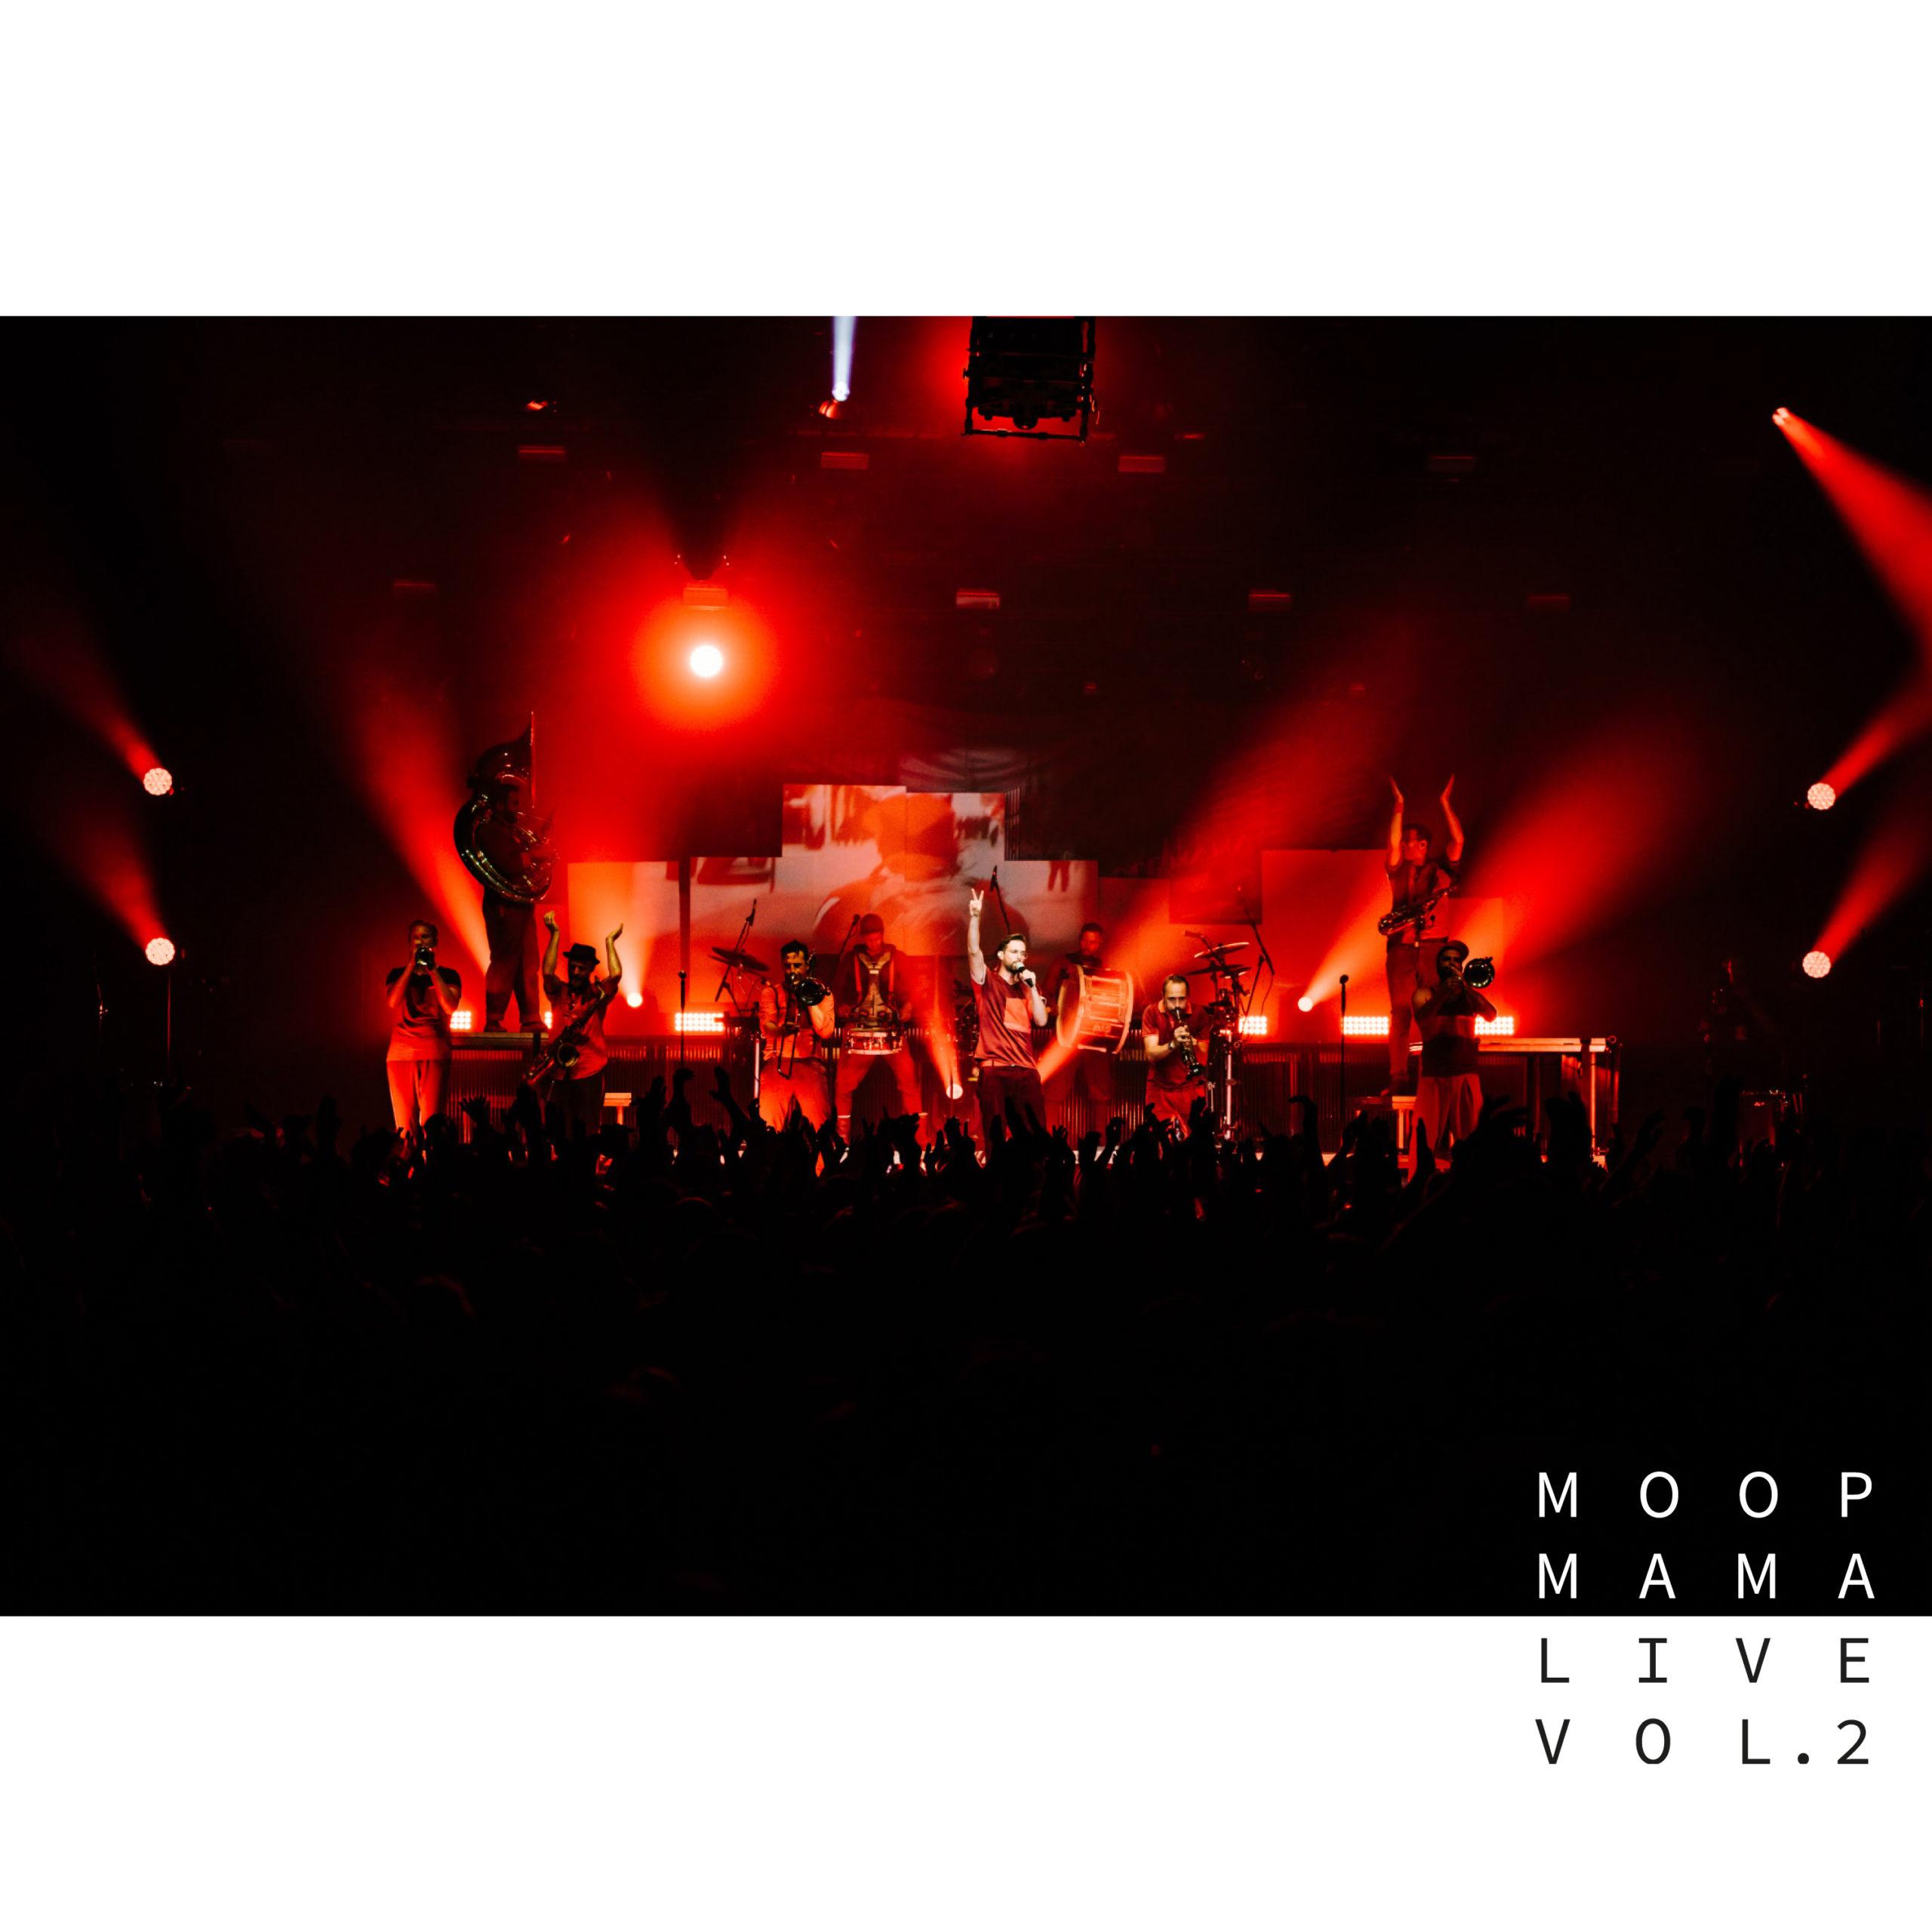 Moop Mama: Zweites Livealbum veröffentlicht